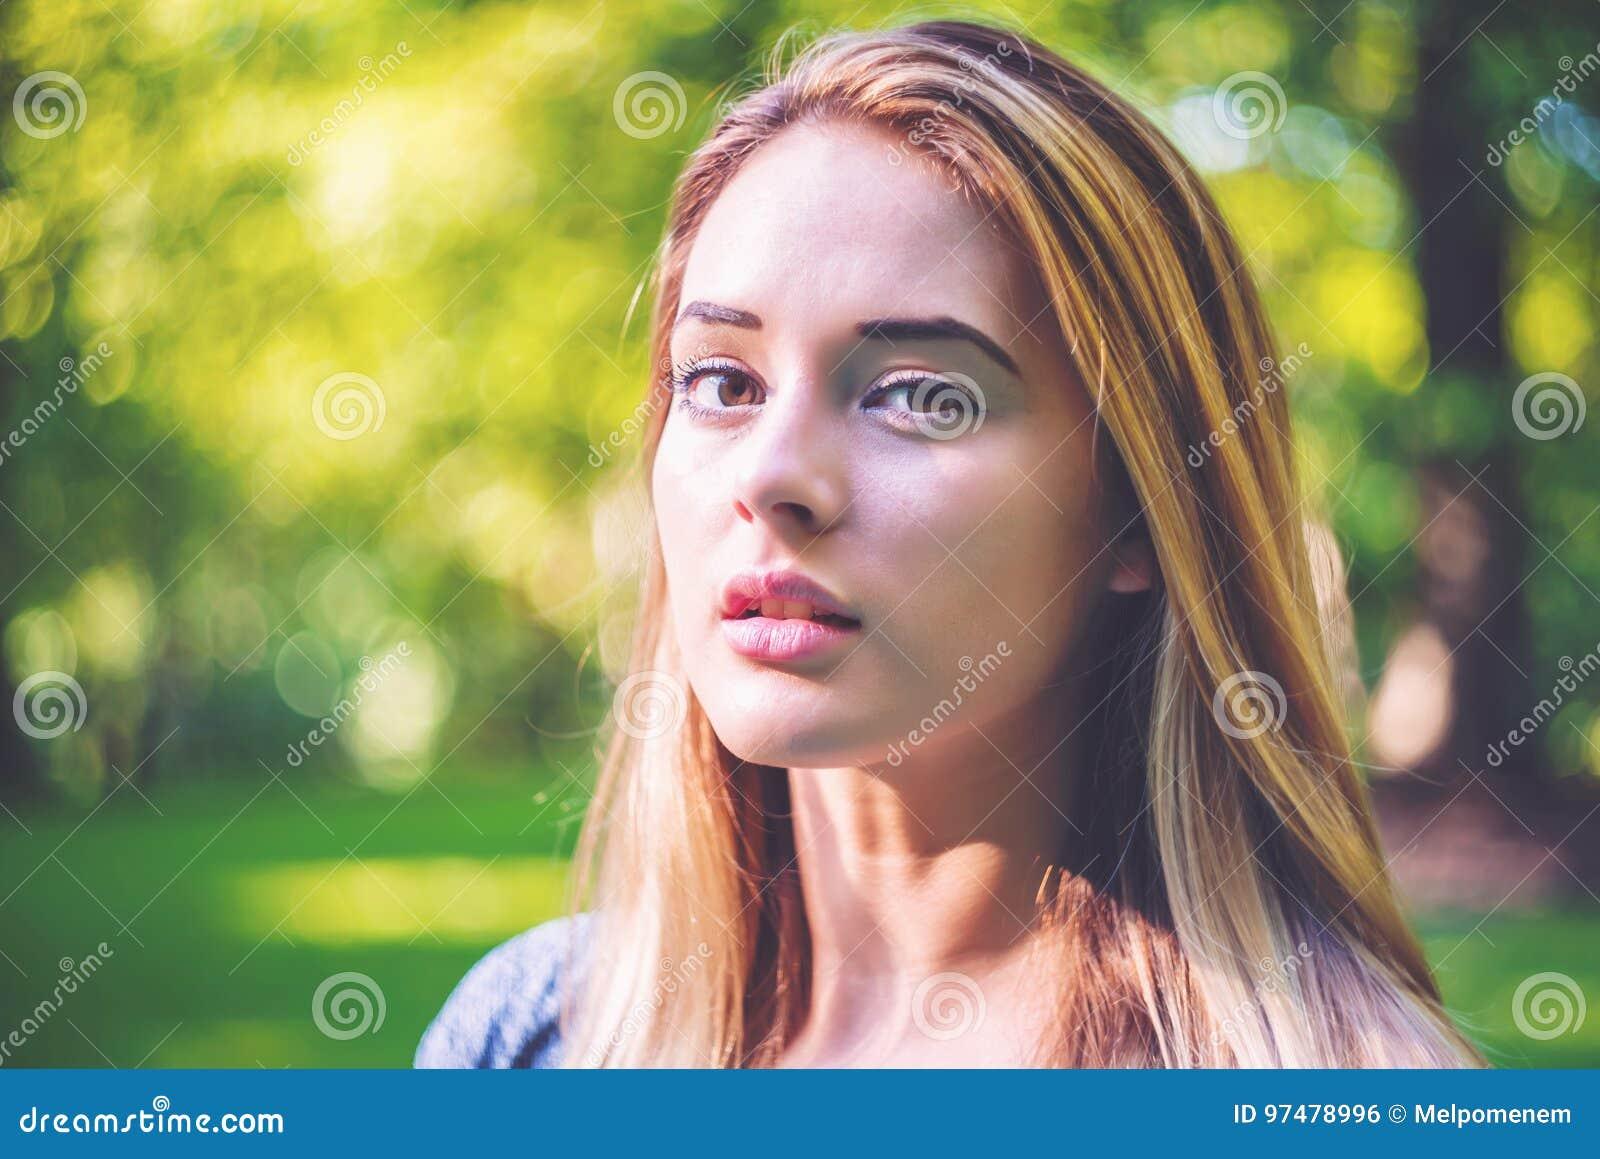 Ritratto di una giovane donna fuori un giorno di estate